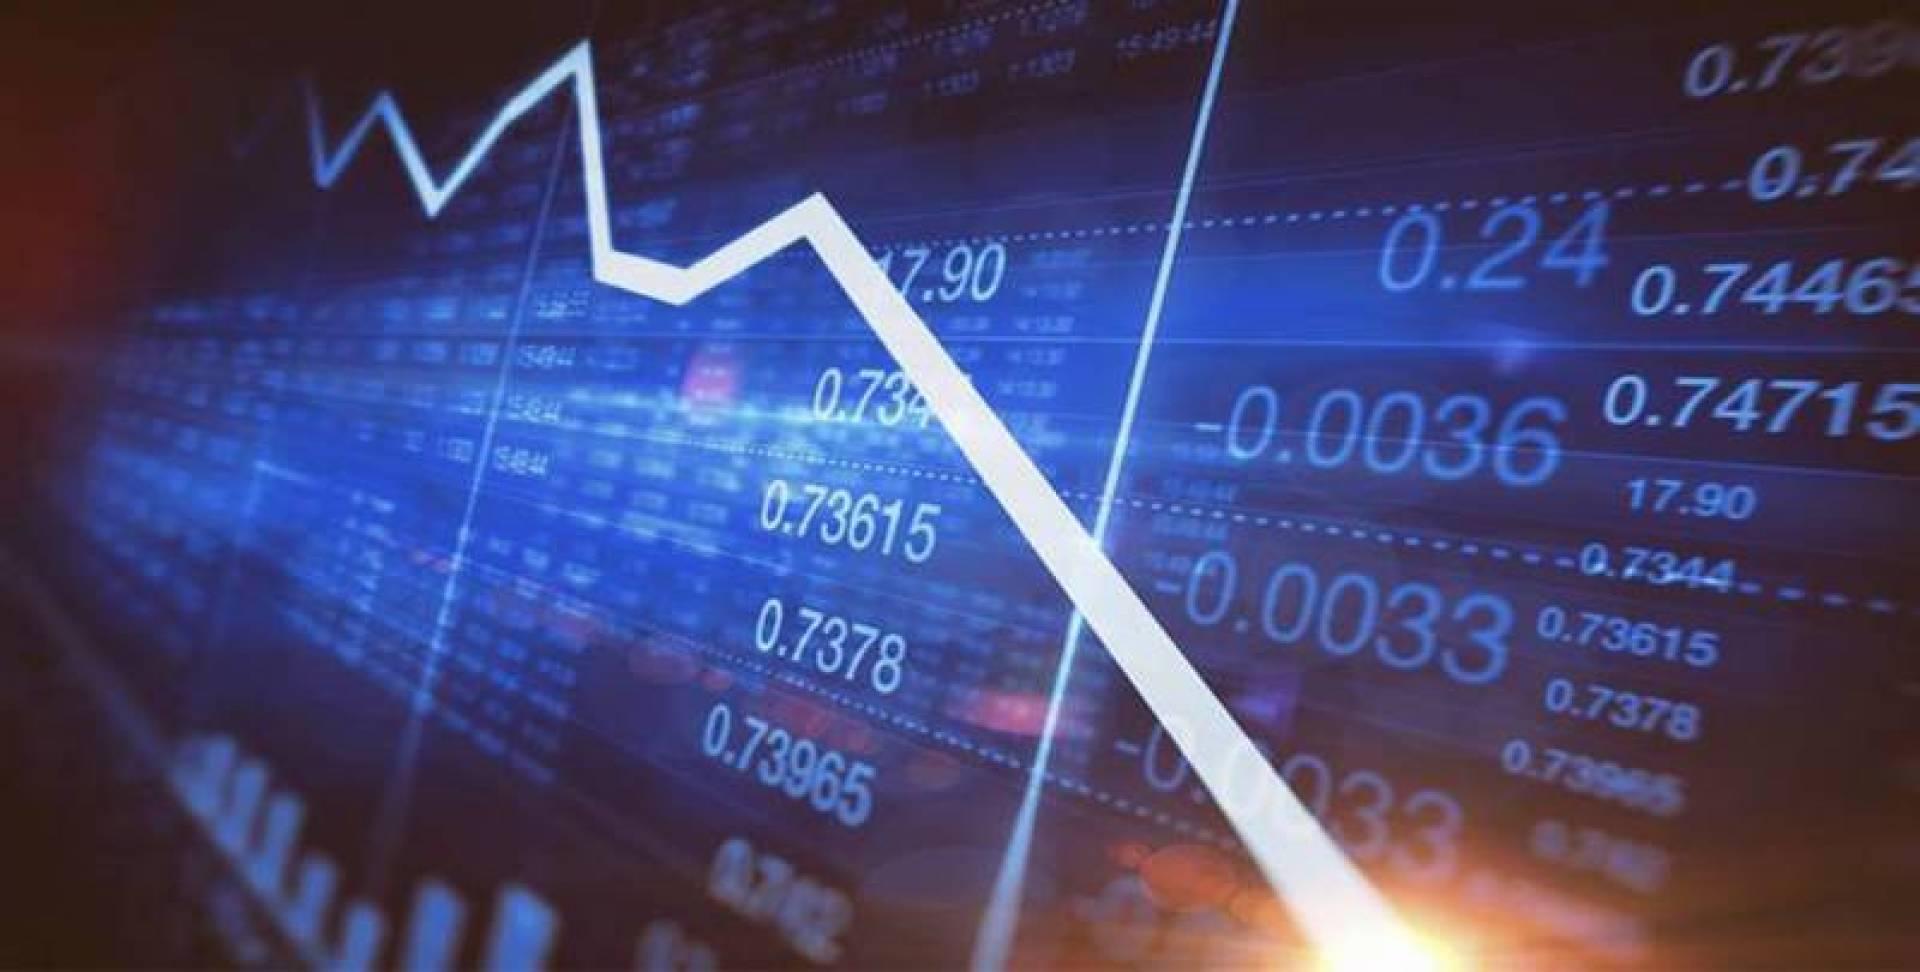 وقف خسائر الأسواق مرتبط بالقضاء على فيروس كورونا